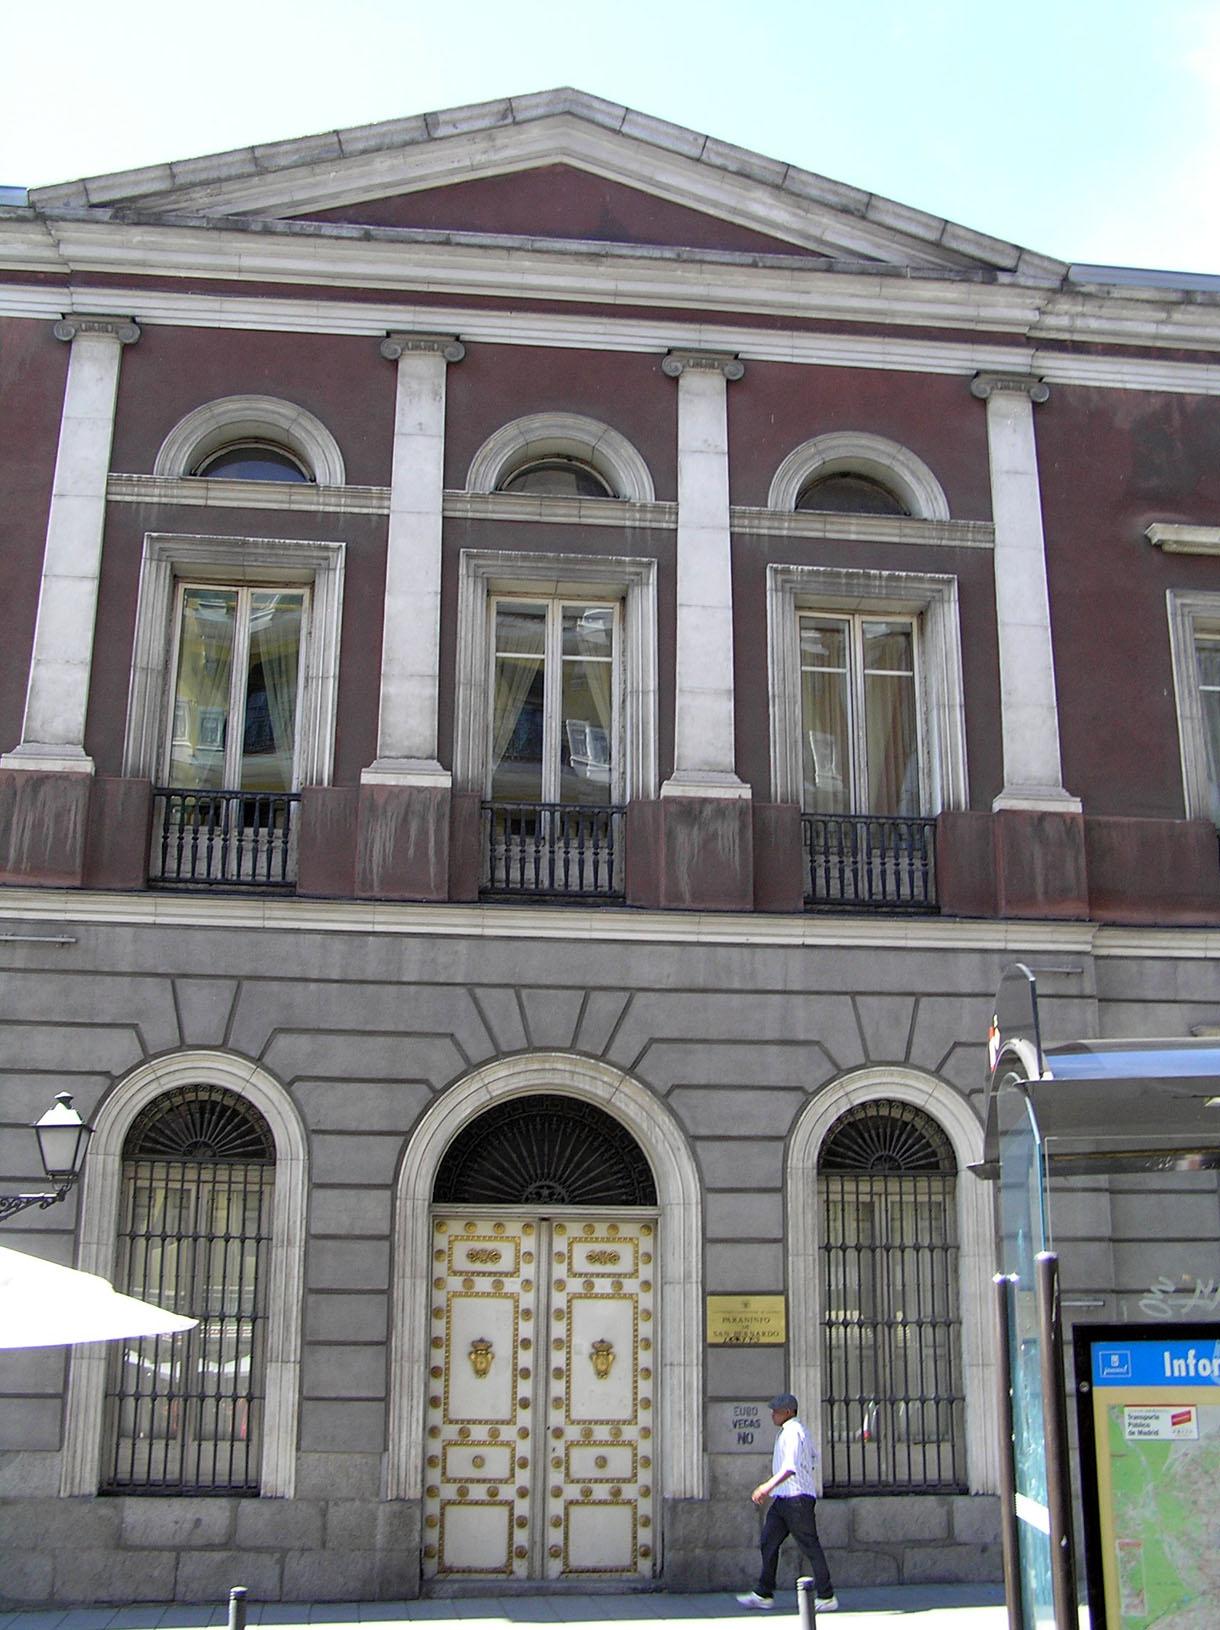 Ies cardenal cisneros portal fuenterrebollo for Universidad complutense de madrid arquitectura